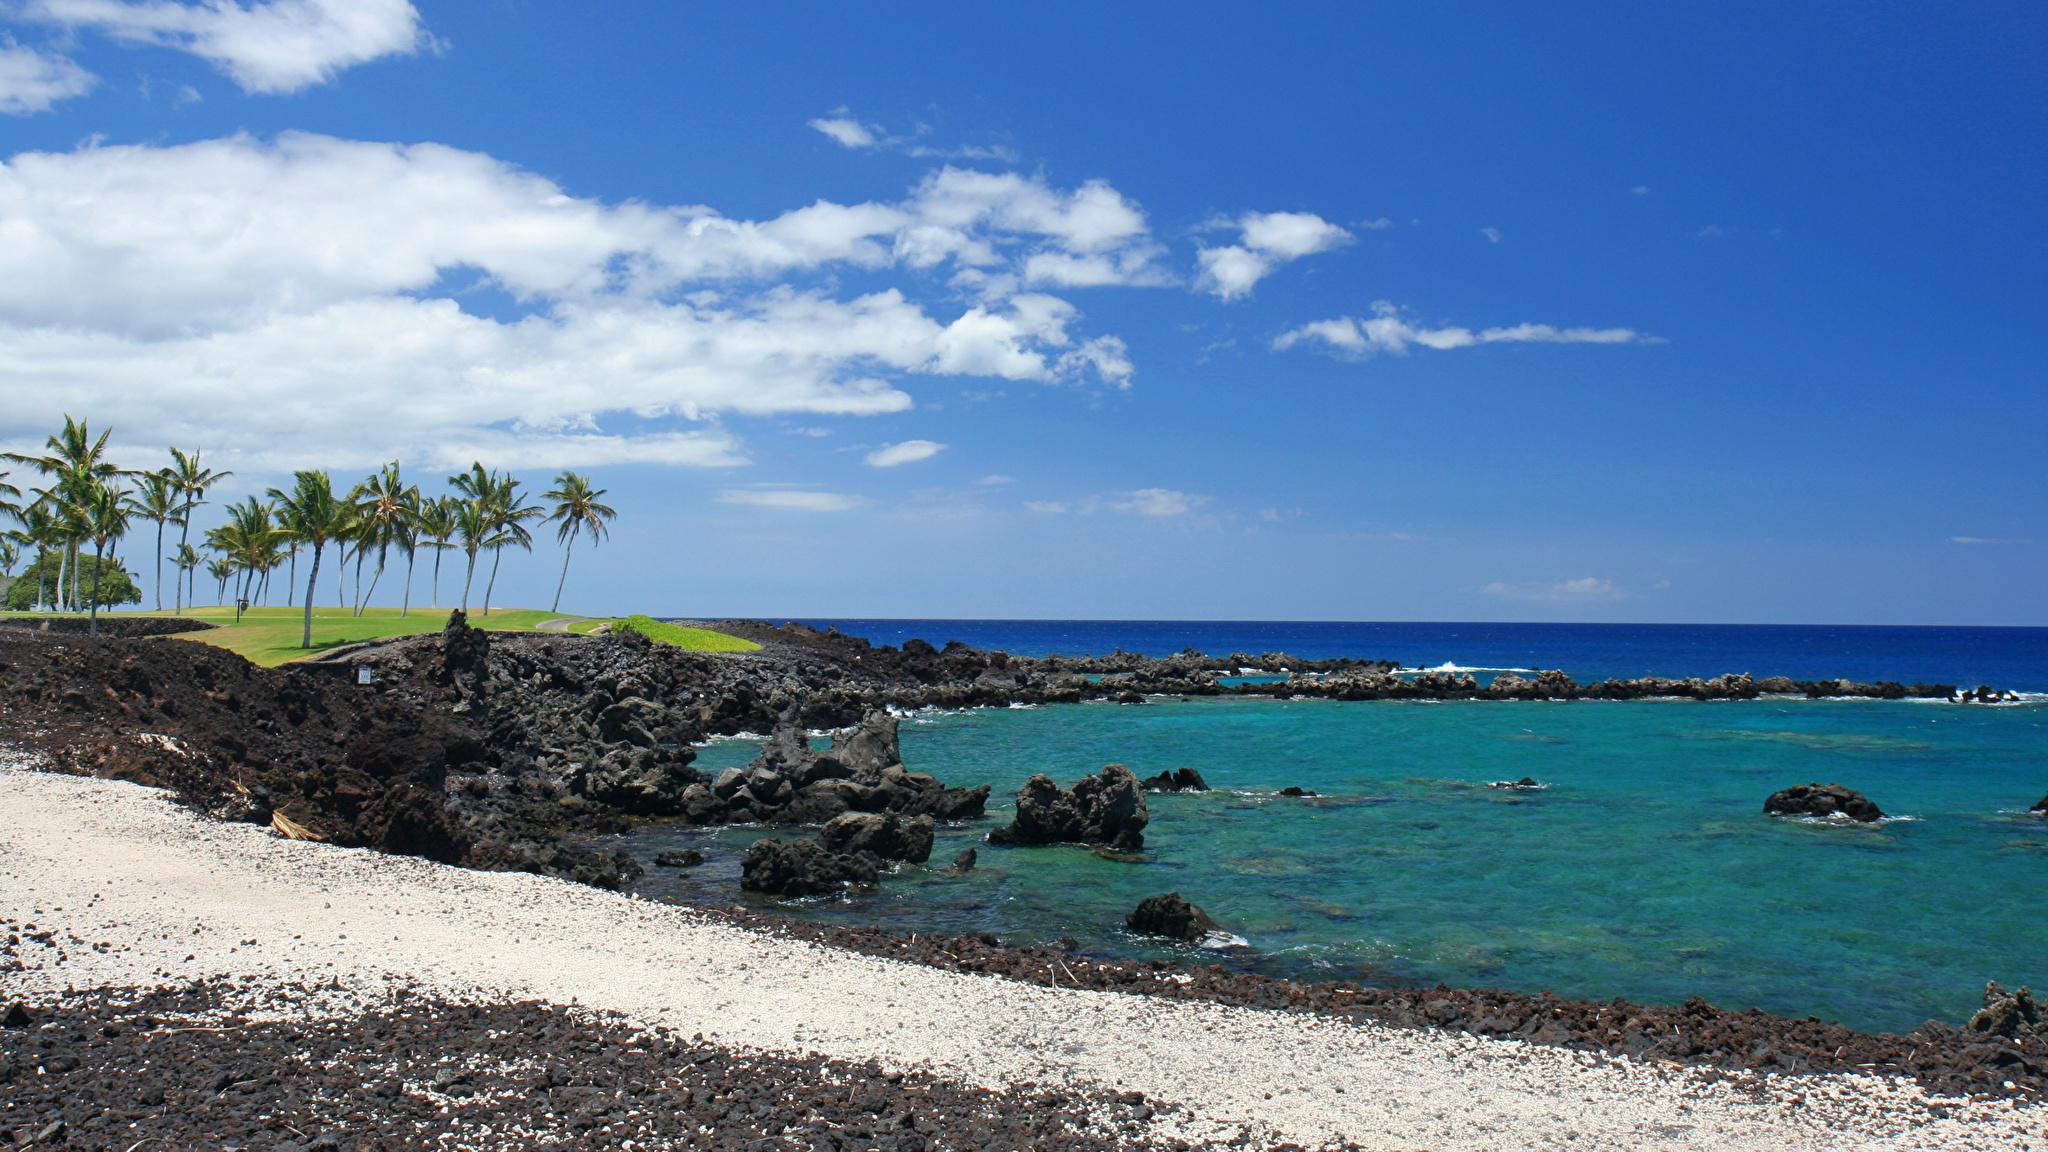 壁紙 2048x1152 海岸 空 大洋 アメリカ合衆国 ハワイ州 自然